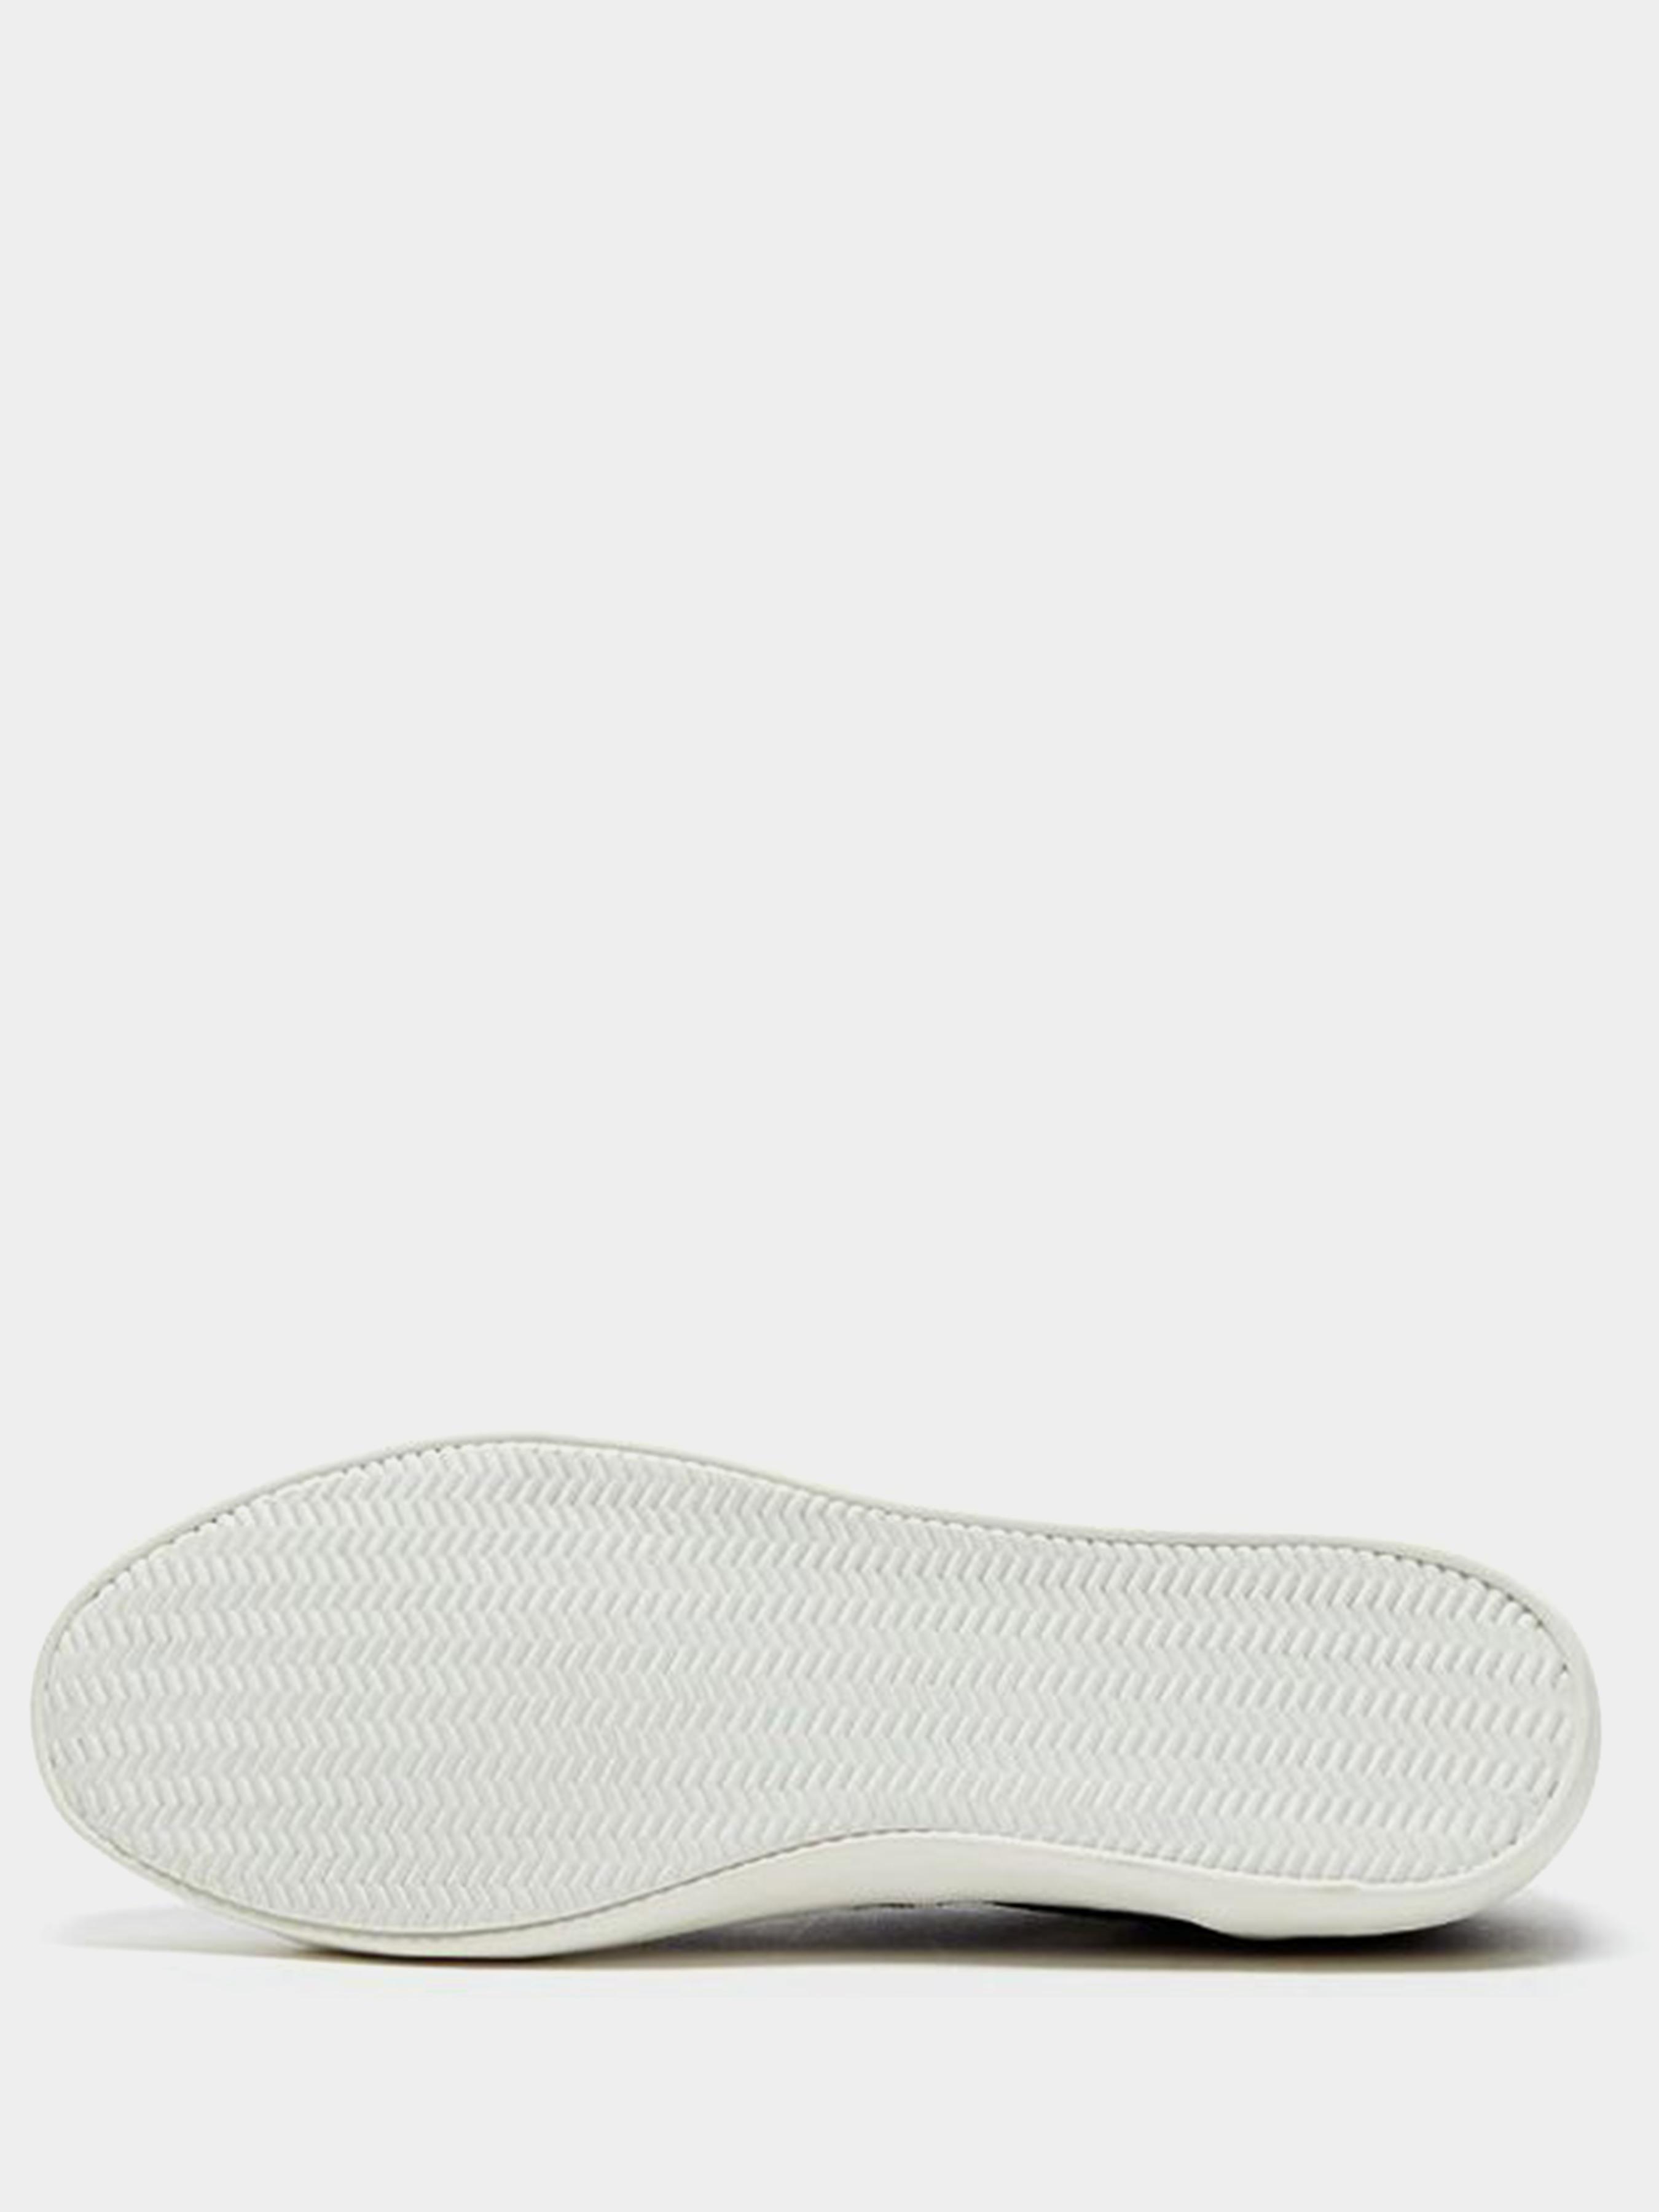 Кеды для мужчин Lacoste LK184 цена, 2017